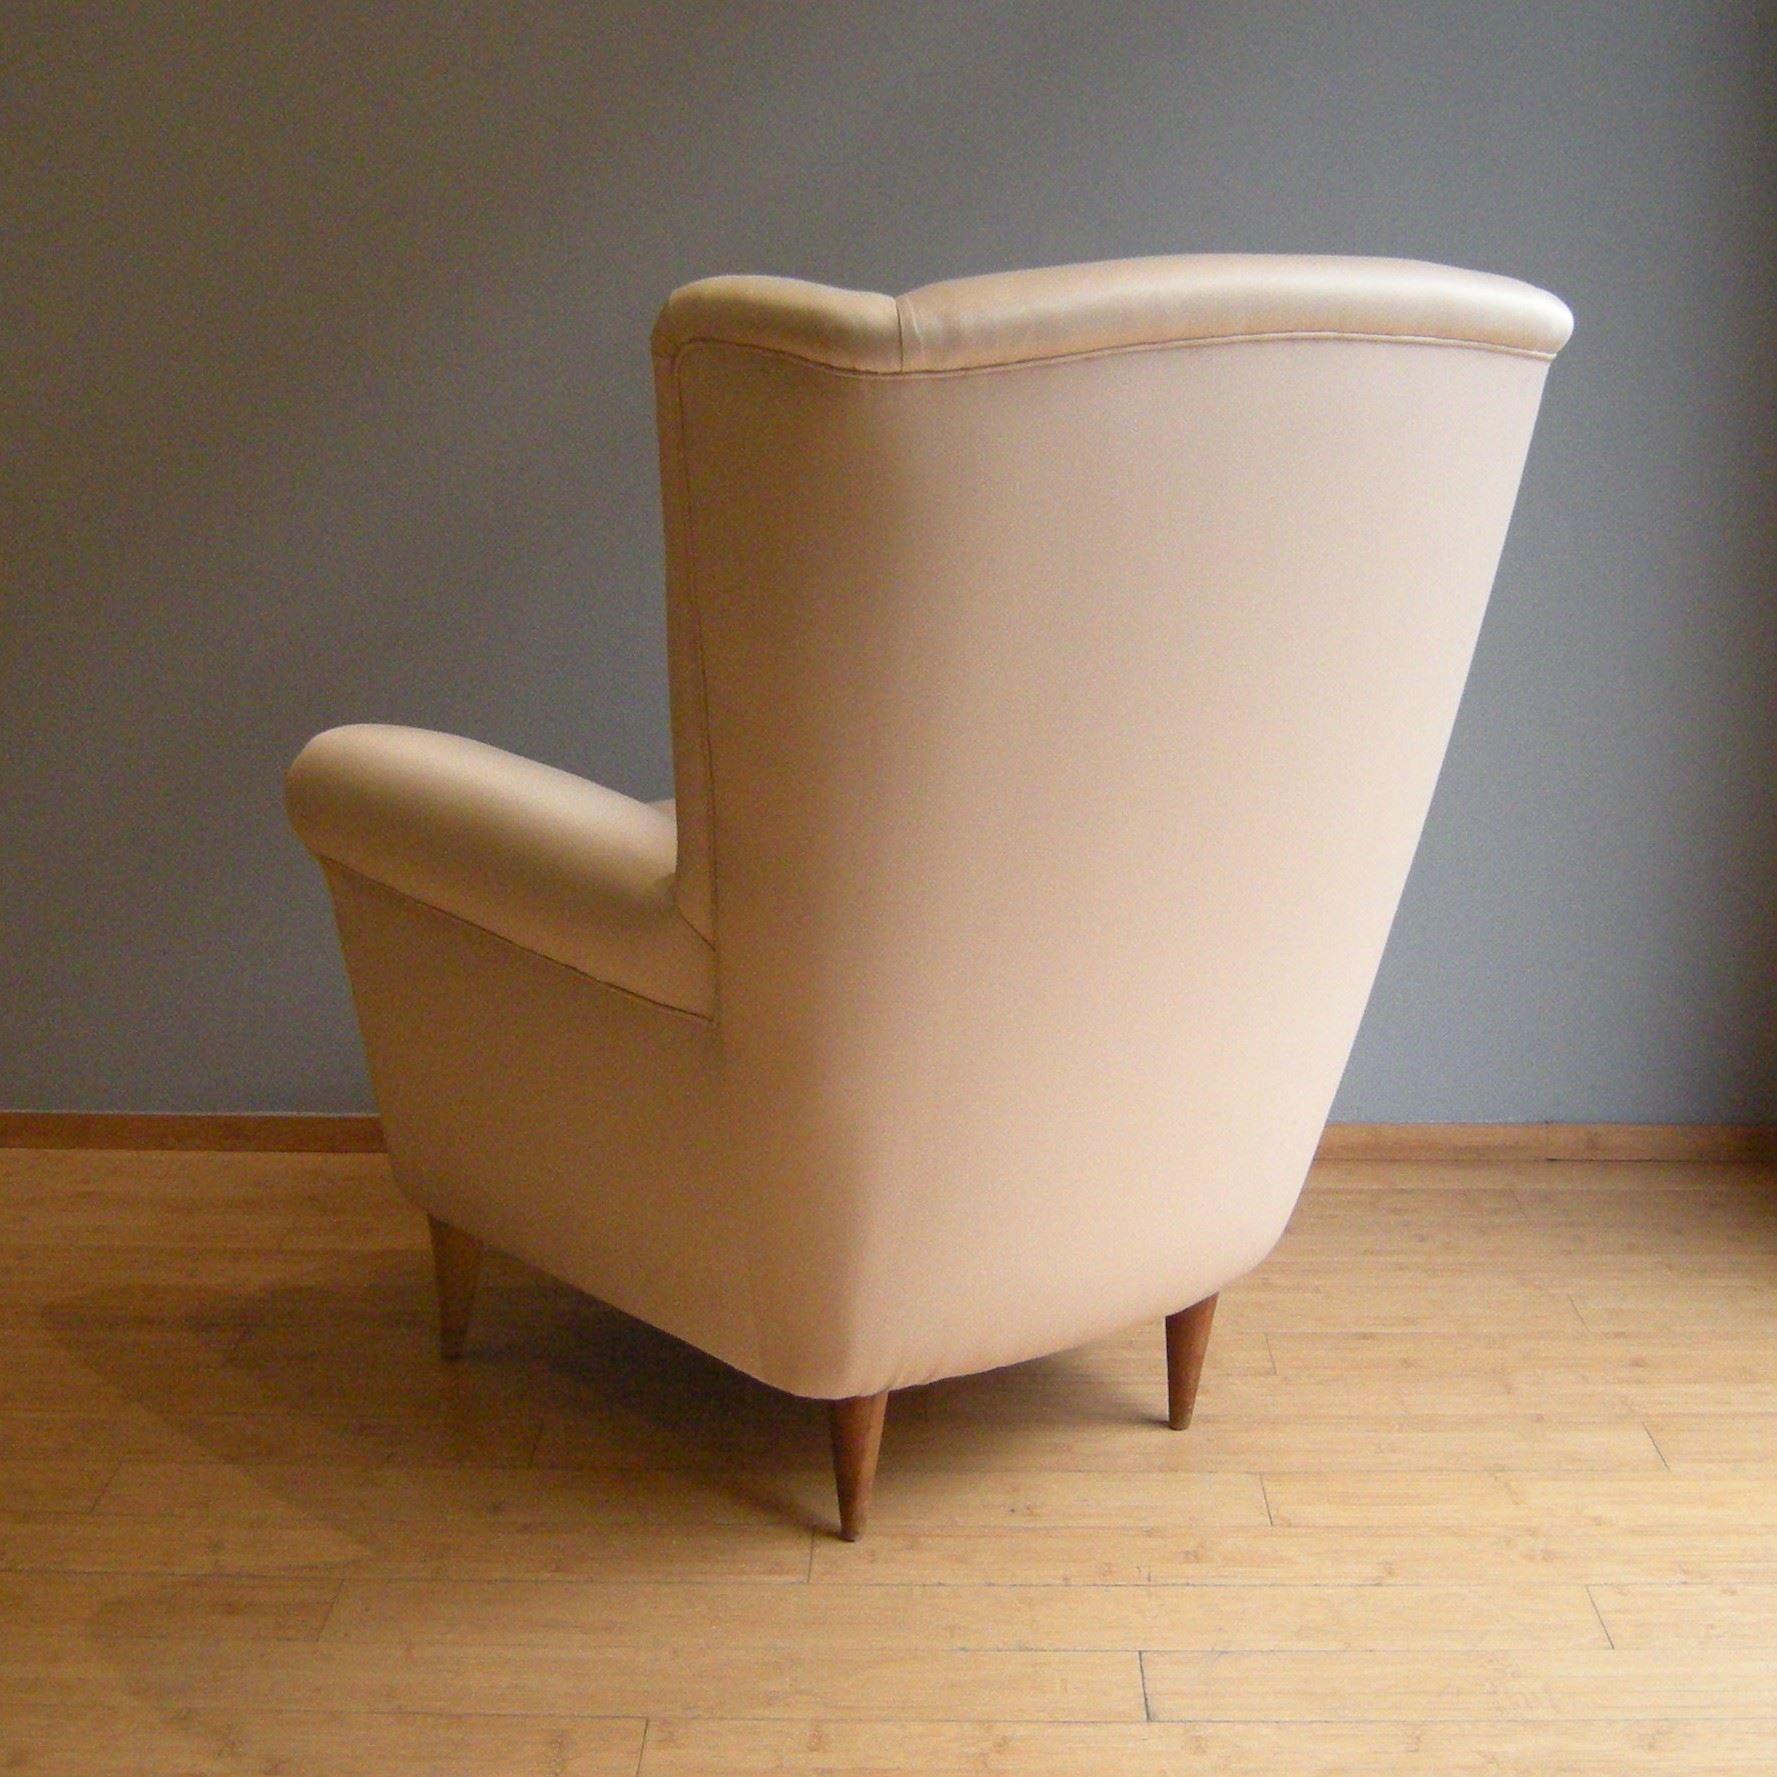 Poltrona anni 50 lelabo modernariato e design a bologna for Modernariato e design